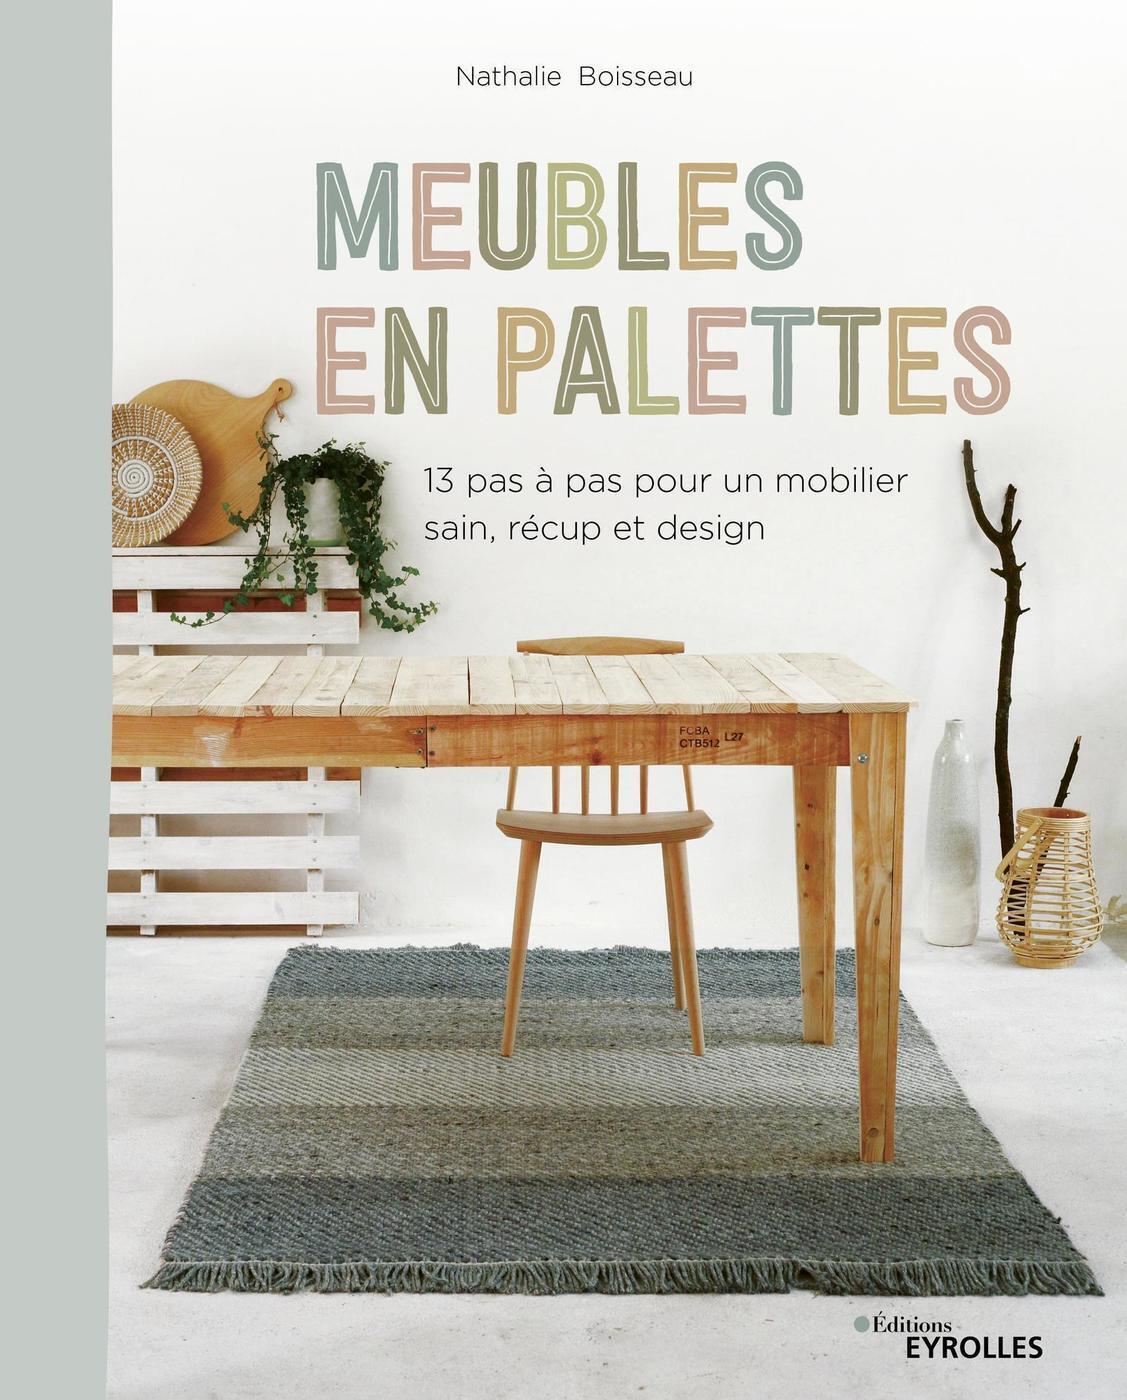 MEUBLES EN PALETTES - 13 PAS A PAS POUR UN MOBILIER SAIN, RECUP ET DESIGN